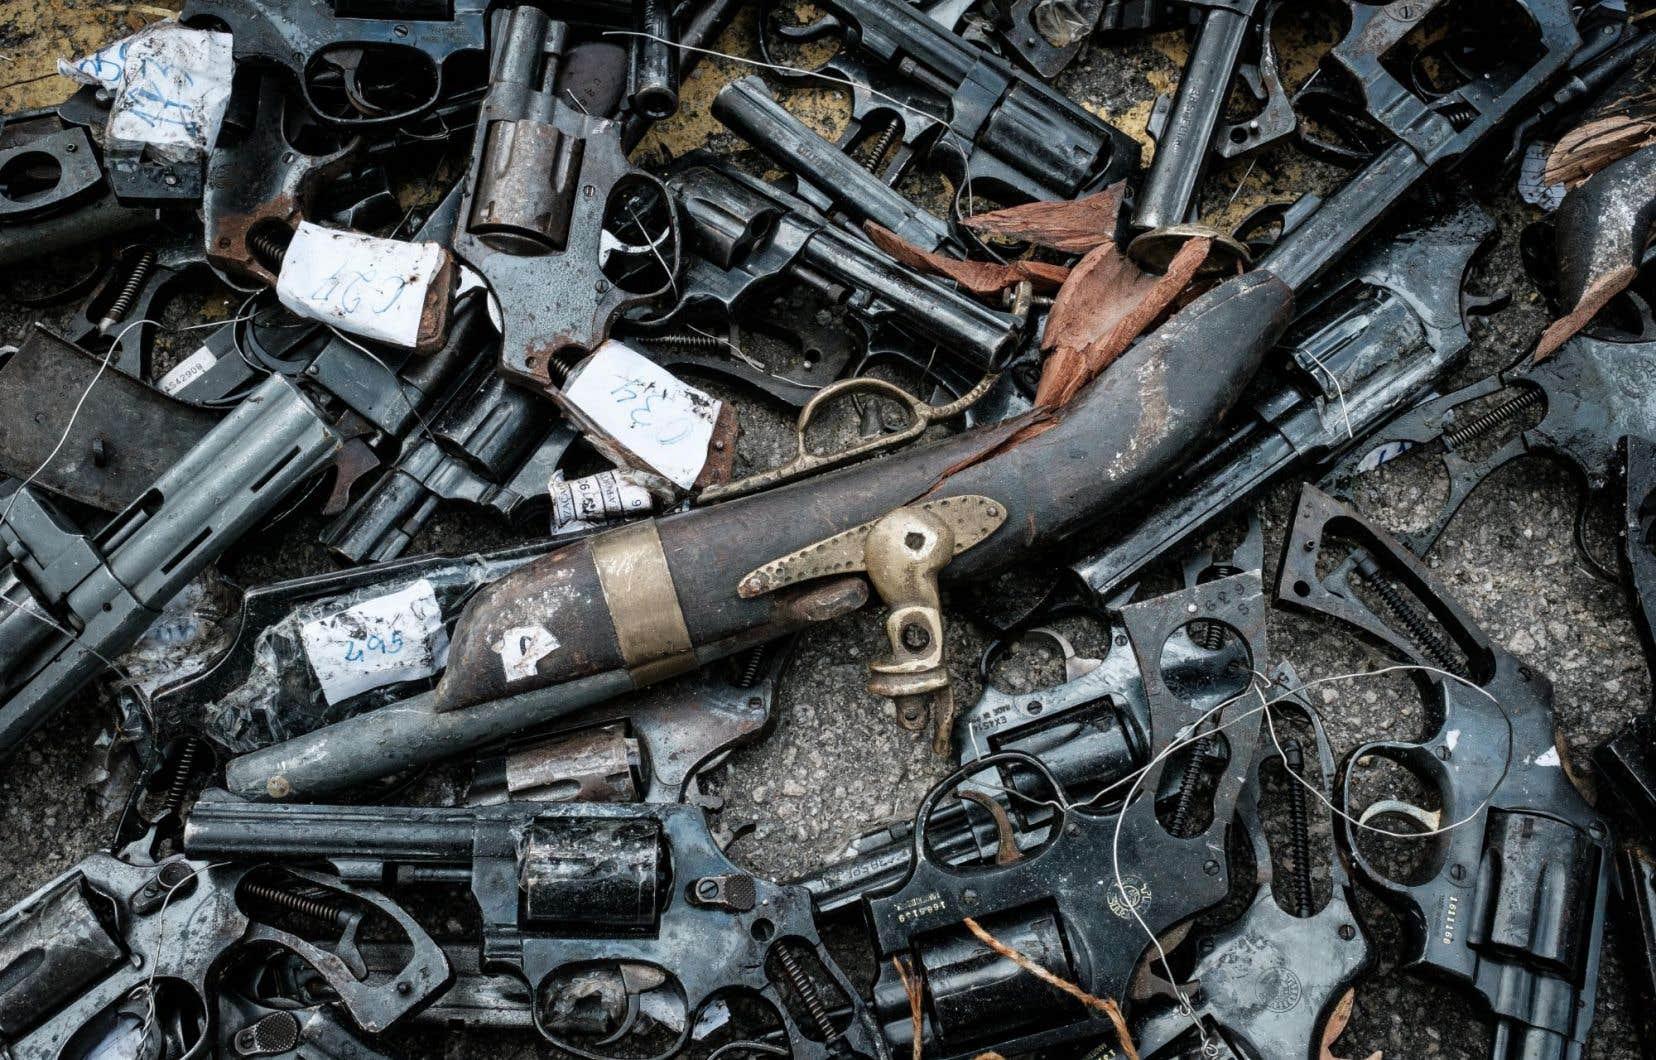 71,9 % des homicides au Brésil en 2015 ont été commis avec une arme à feu.